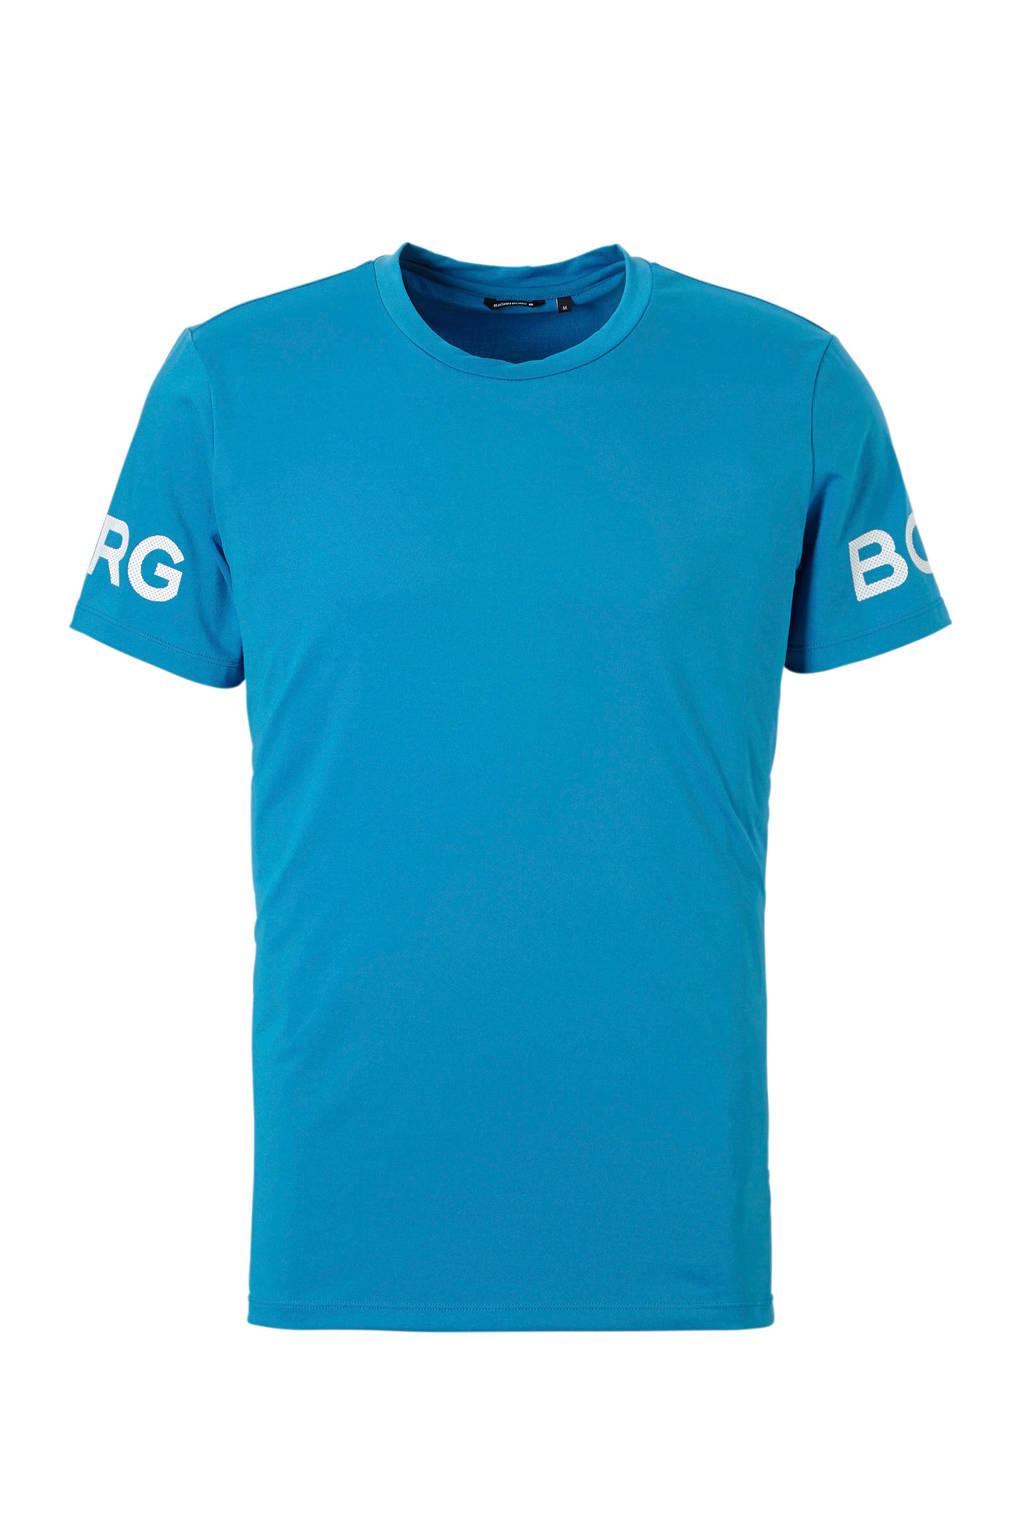 Björn Borg   sport T-shirt lichtblauw, Lichtblauw